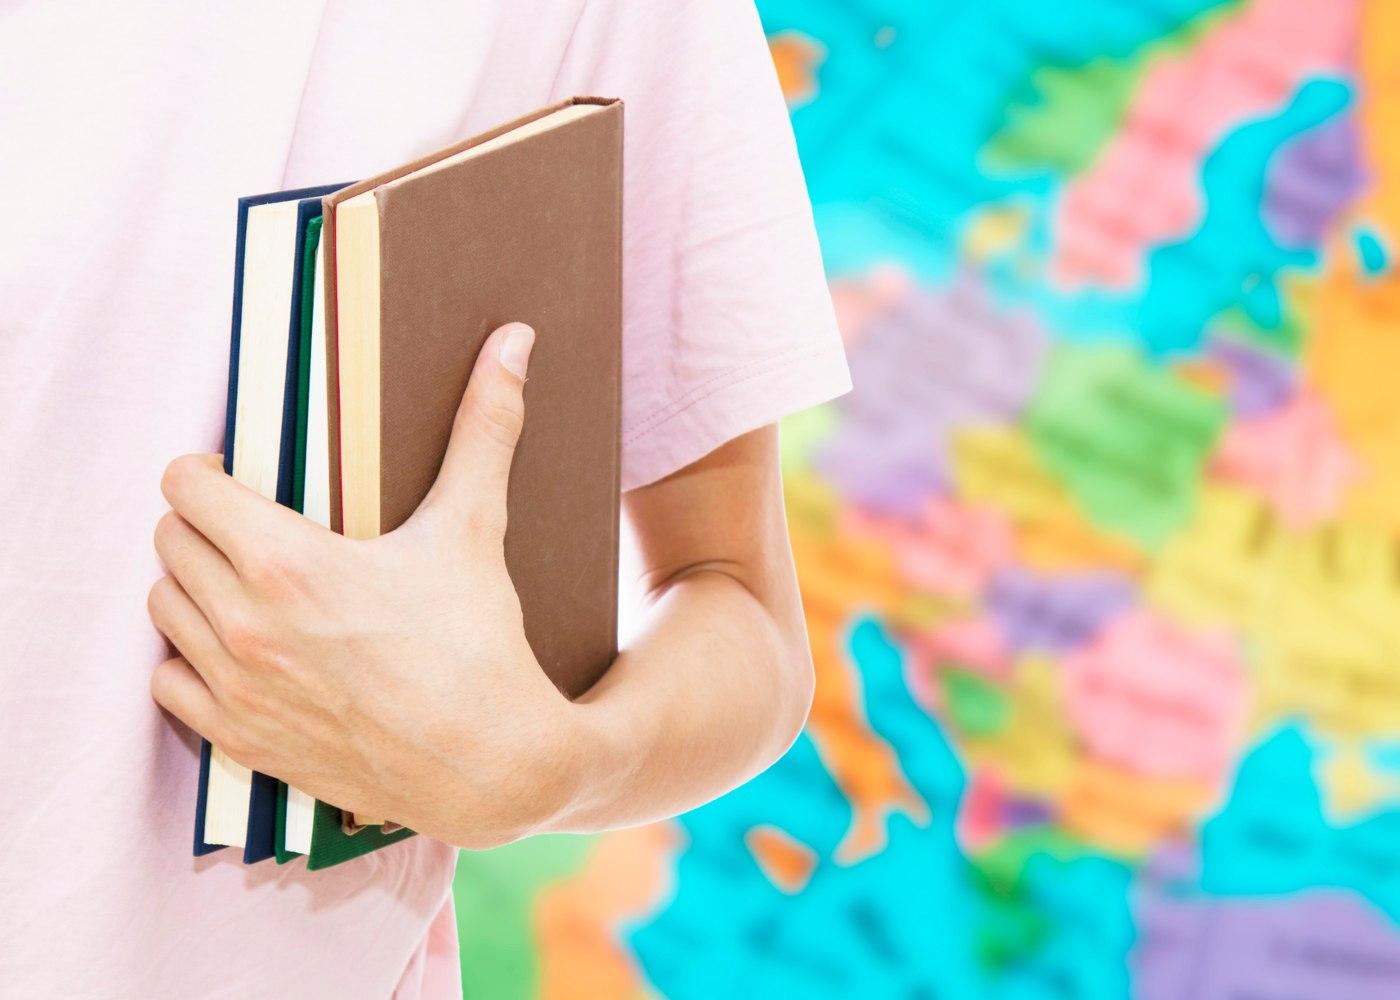 estudante a segurar livros e com mapa mundo atrás vai consultar sites gratuitos para aprender línguas